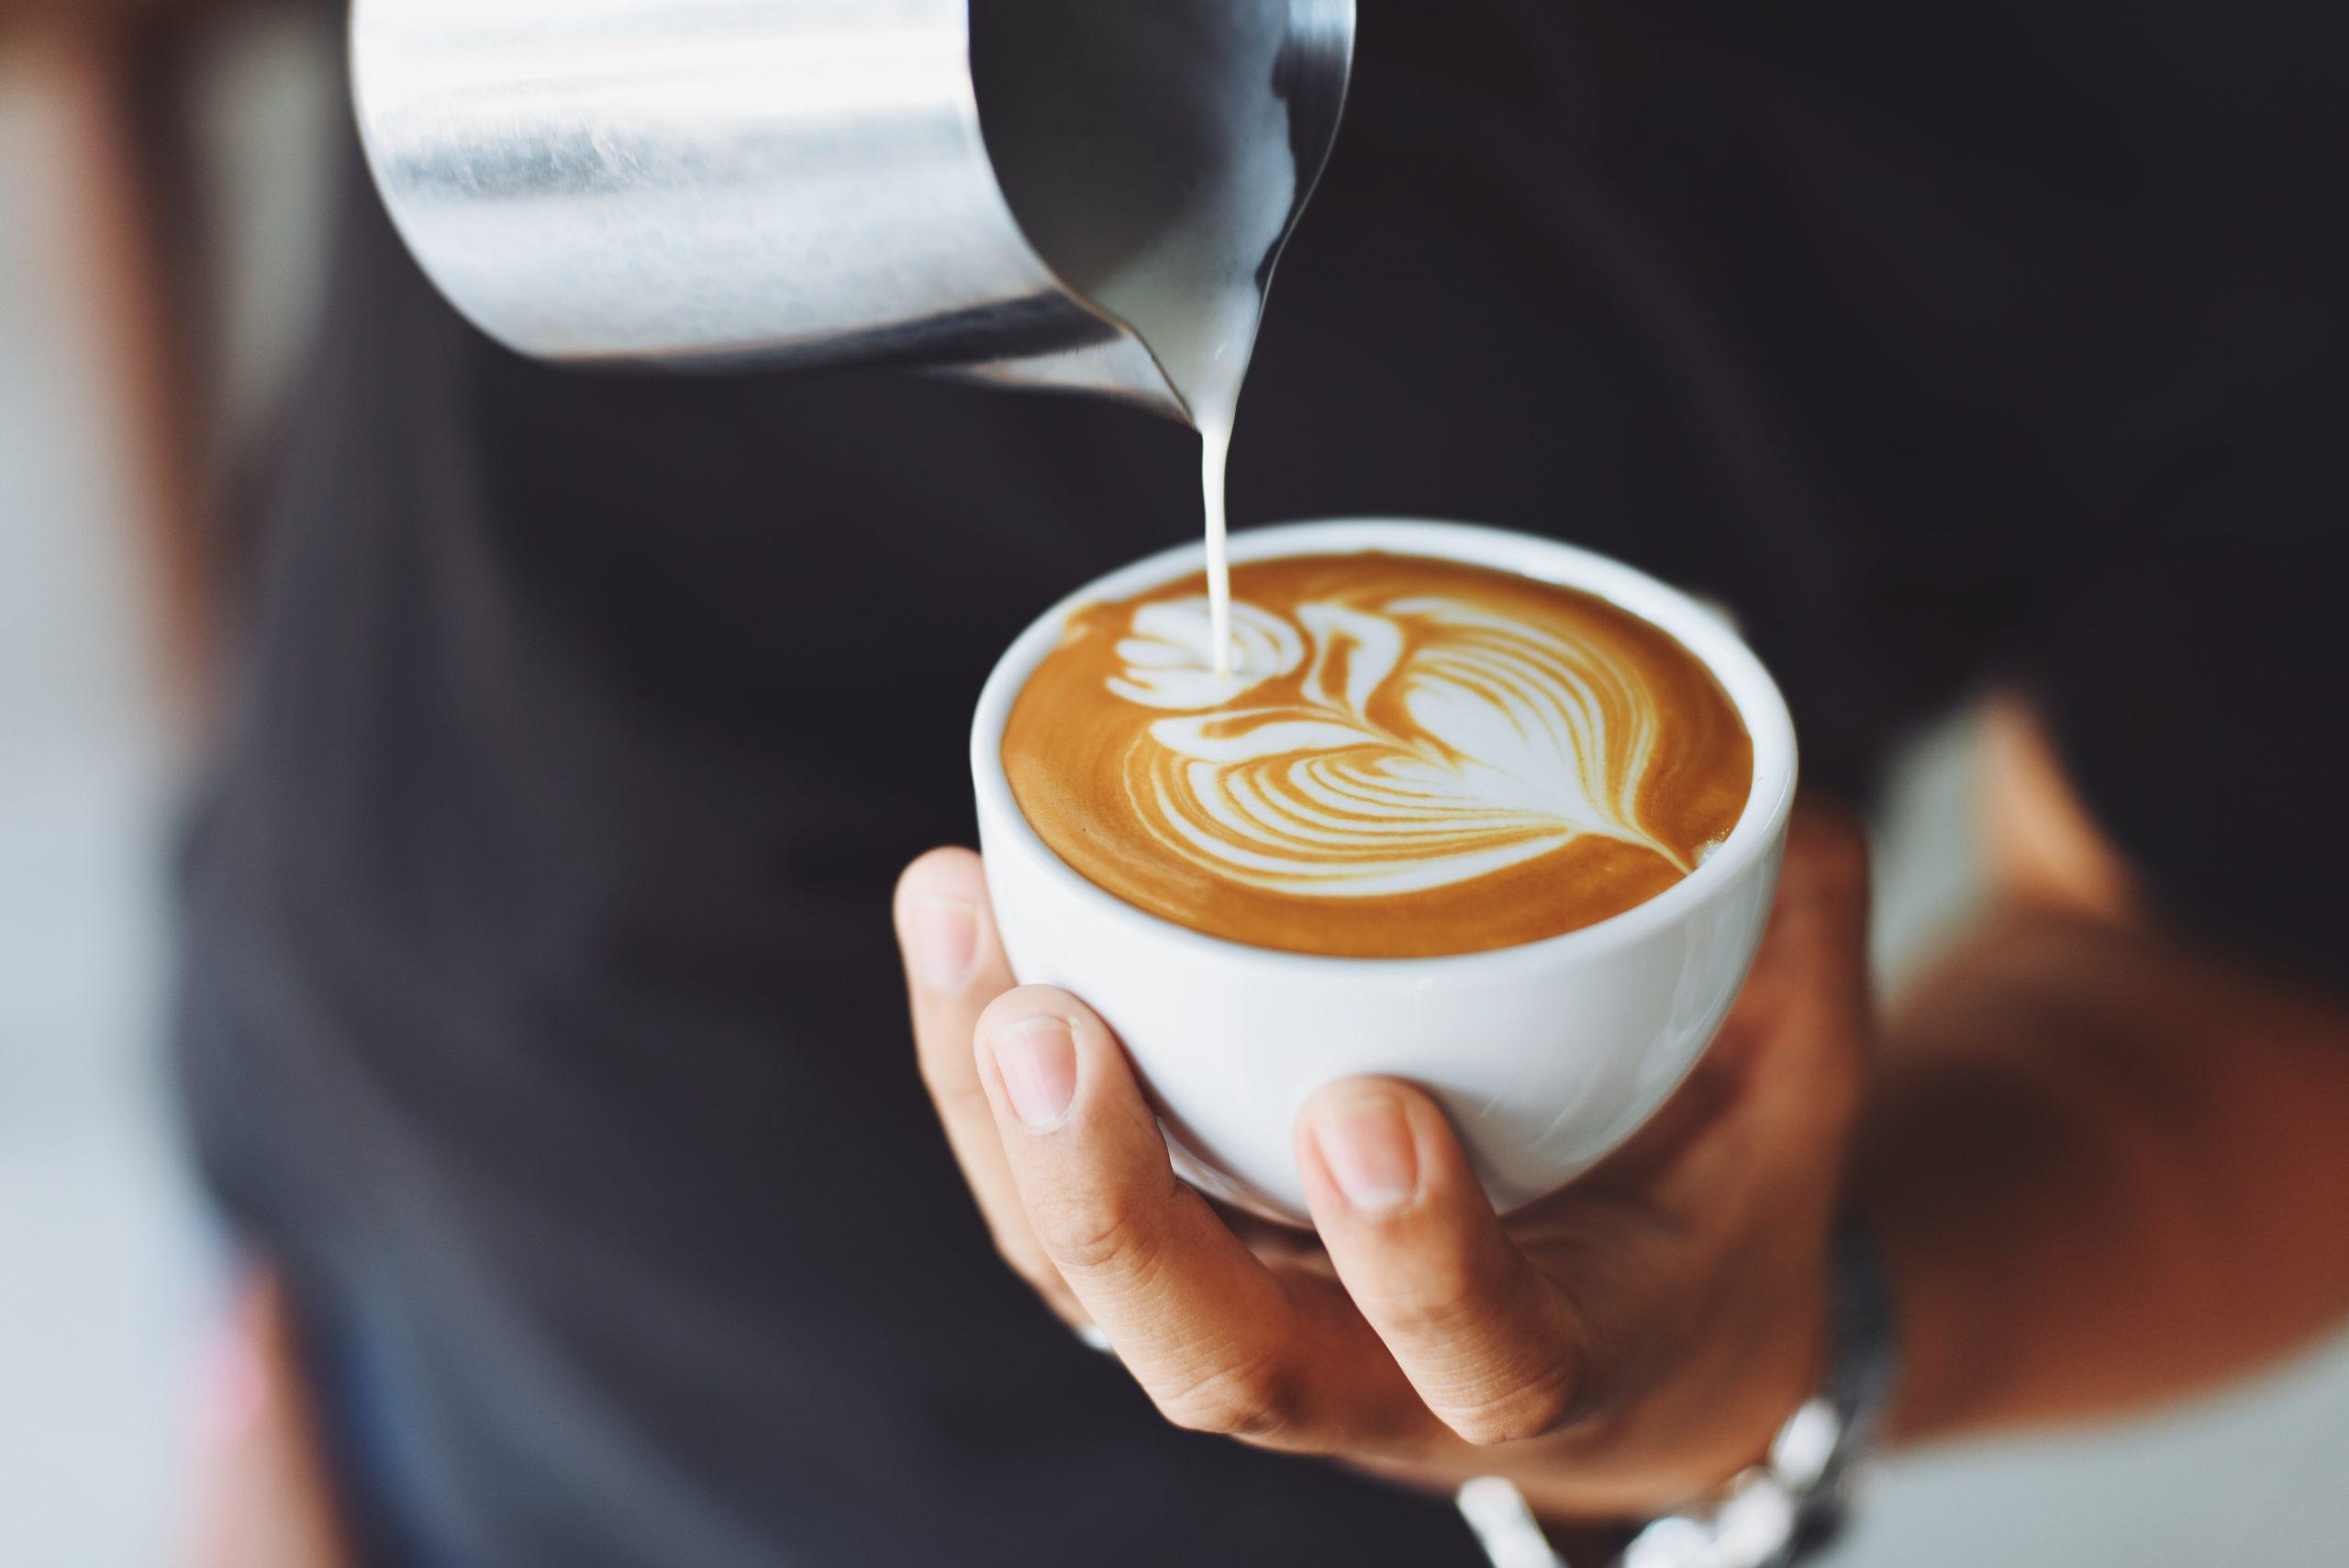 Imagem de pessoa usando um fervedor para servir leite em xícara de café